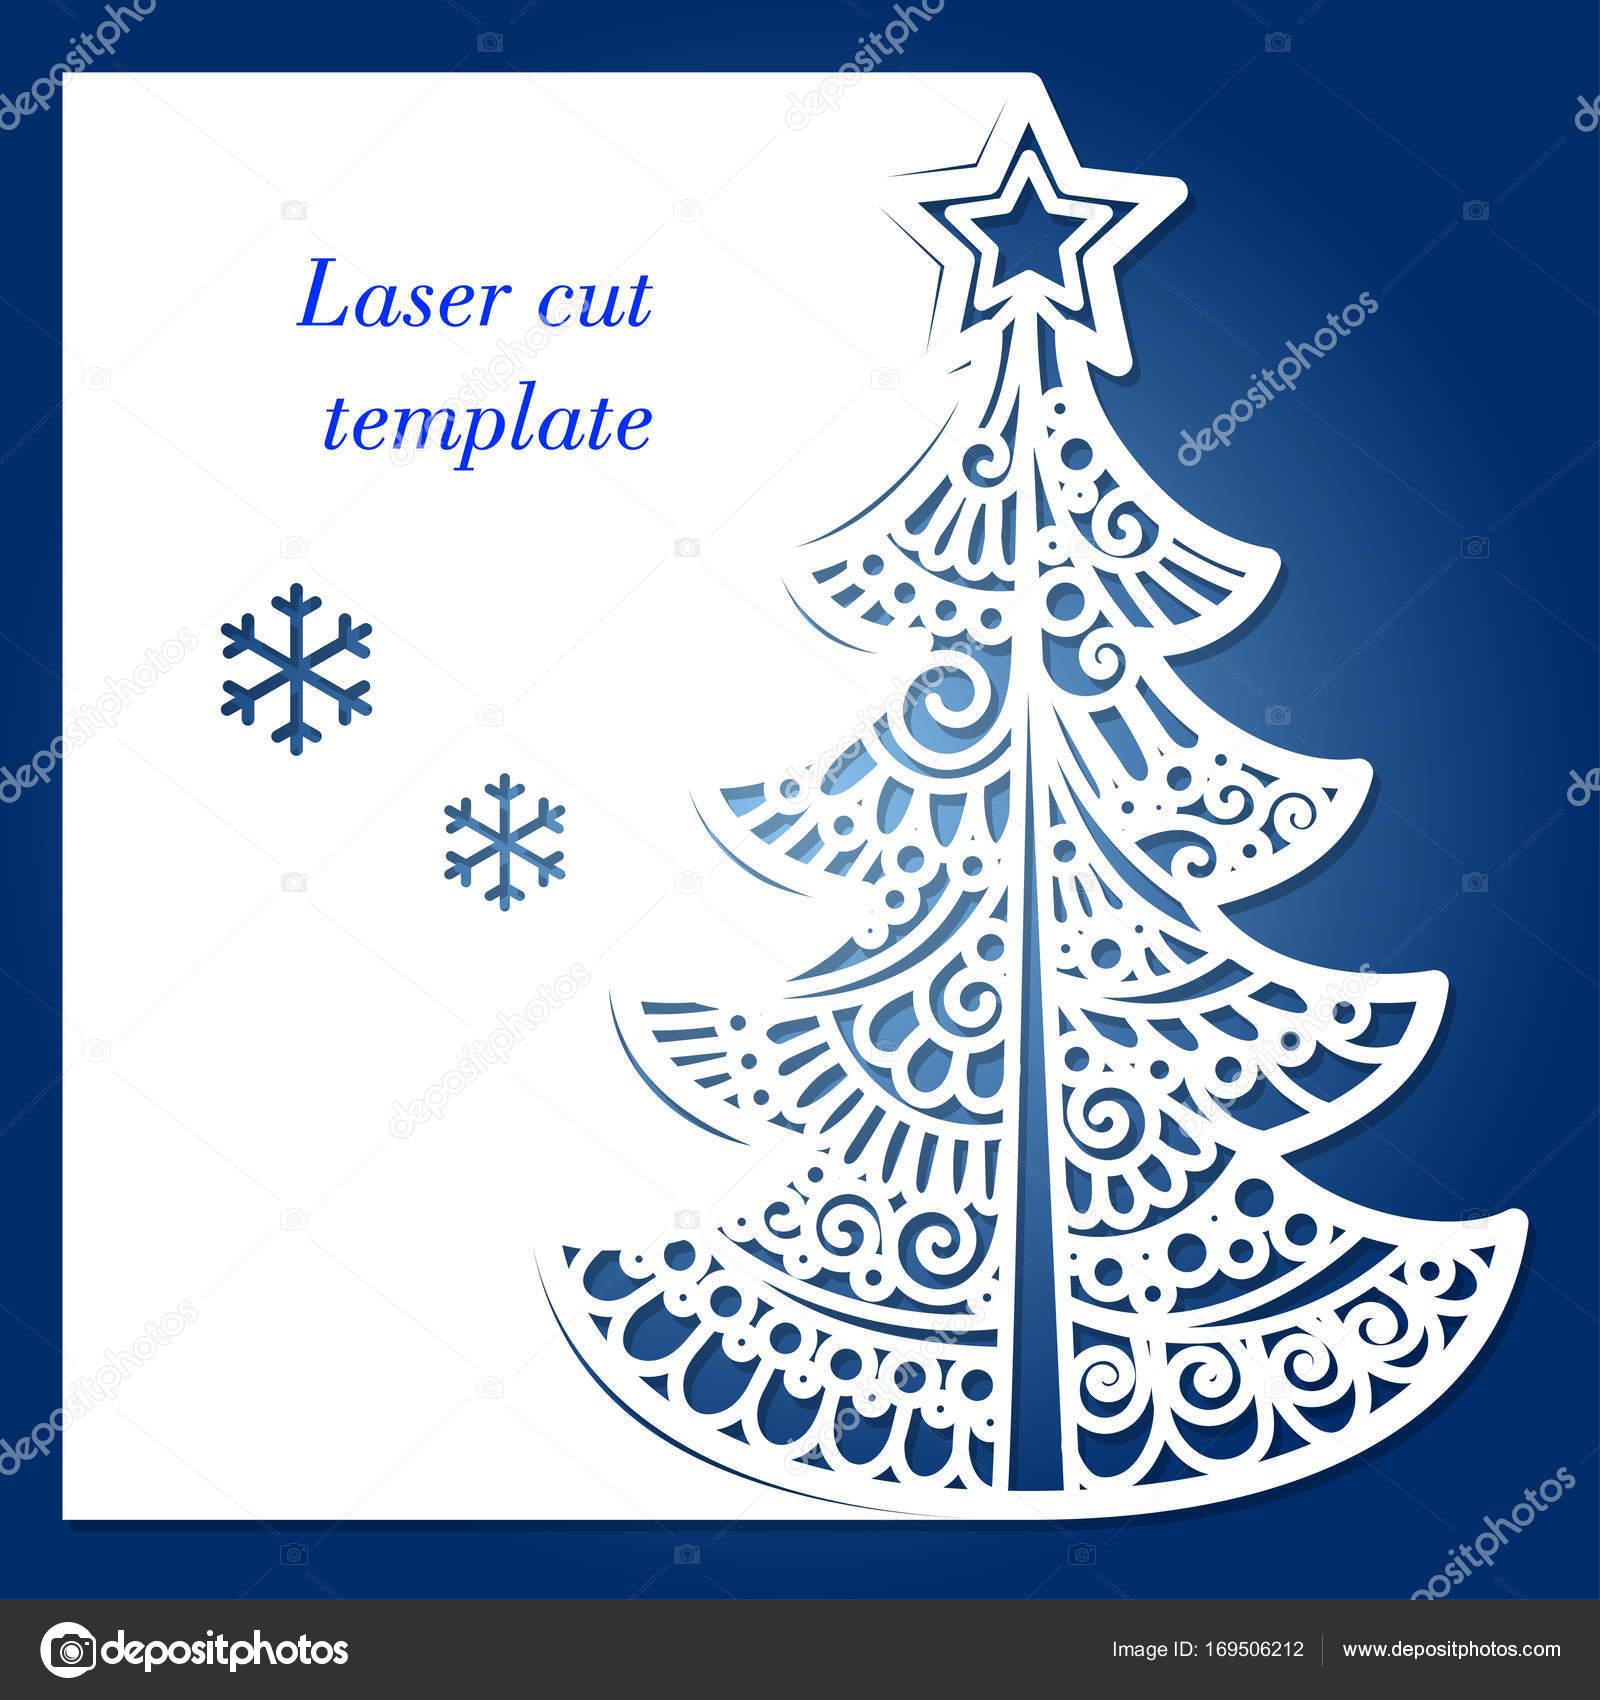 Laser-schneiden-Vorlage mit Weihnachtsbaum und Schneeflocken ...